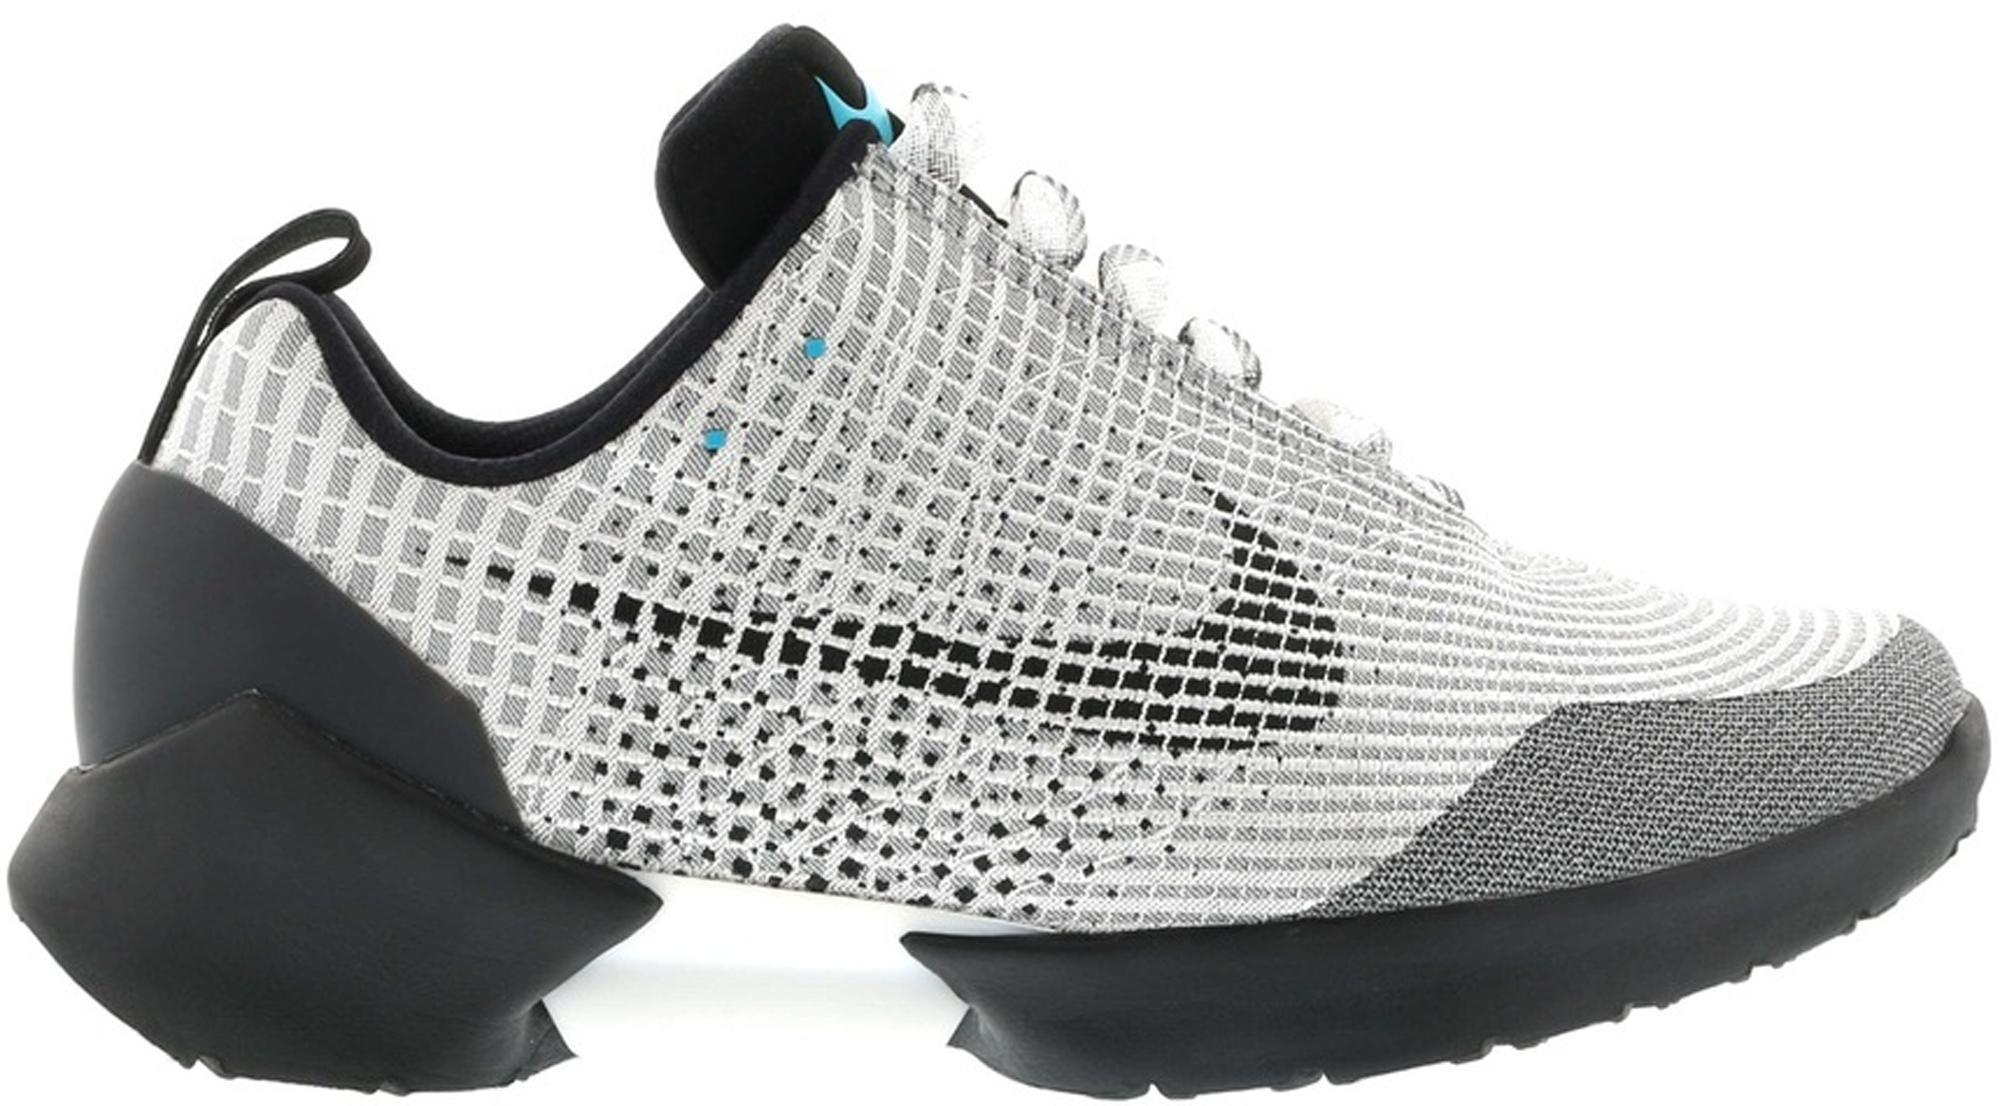 Nike HyperAdapt 1.0 Metallic Silver Sneakers (Metallic Silver/White-Black)